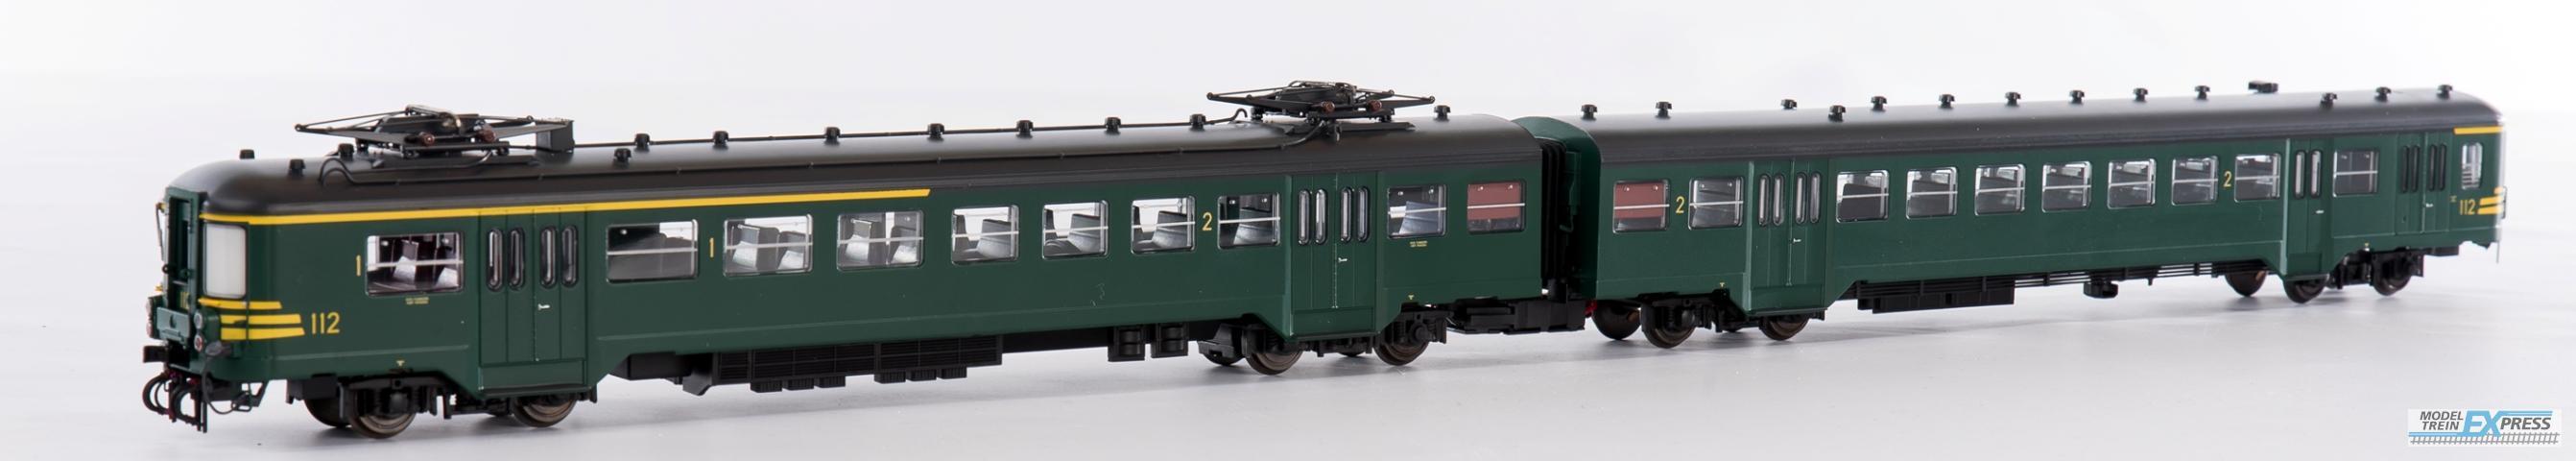 B-Models 7002.02